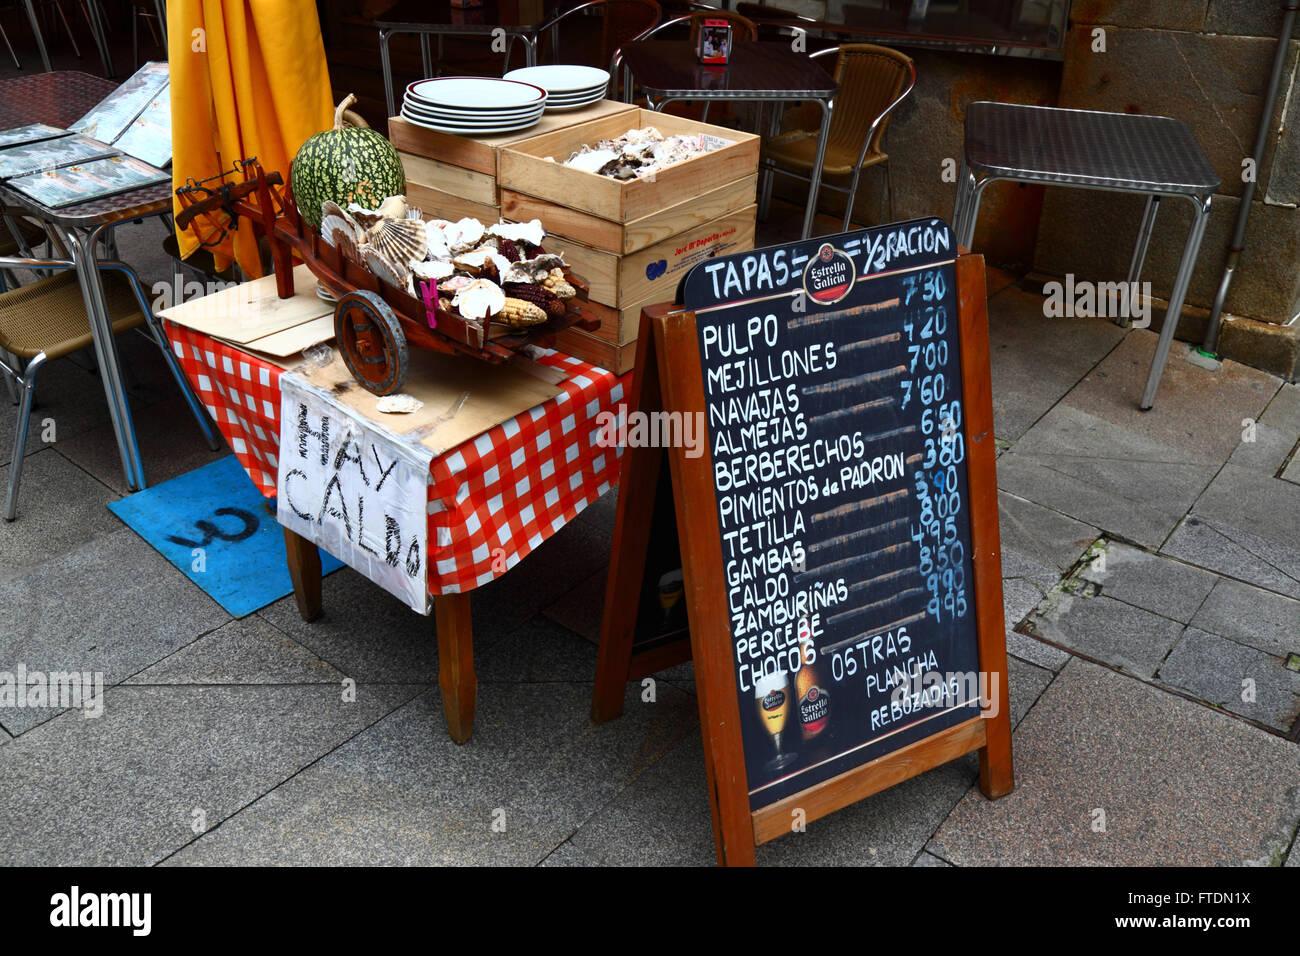 Menú en español con precios en Euros fuera de restaurante / cafetería típico de mariscos, Vigo, Galicia, España Foto de stock